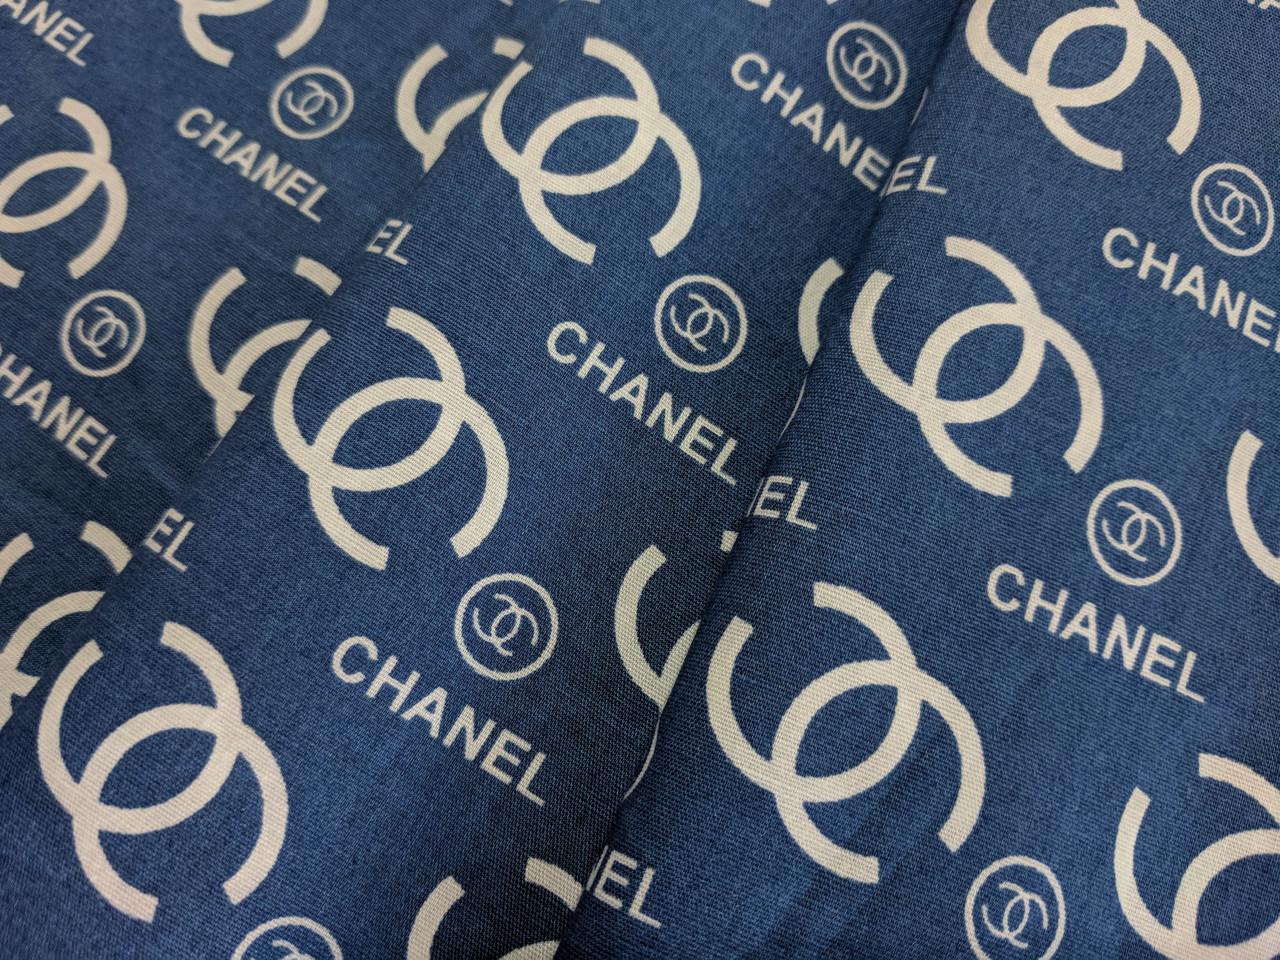 Коттон стрейчевый рубашечный шанель, джинсовый темный